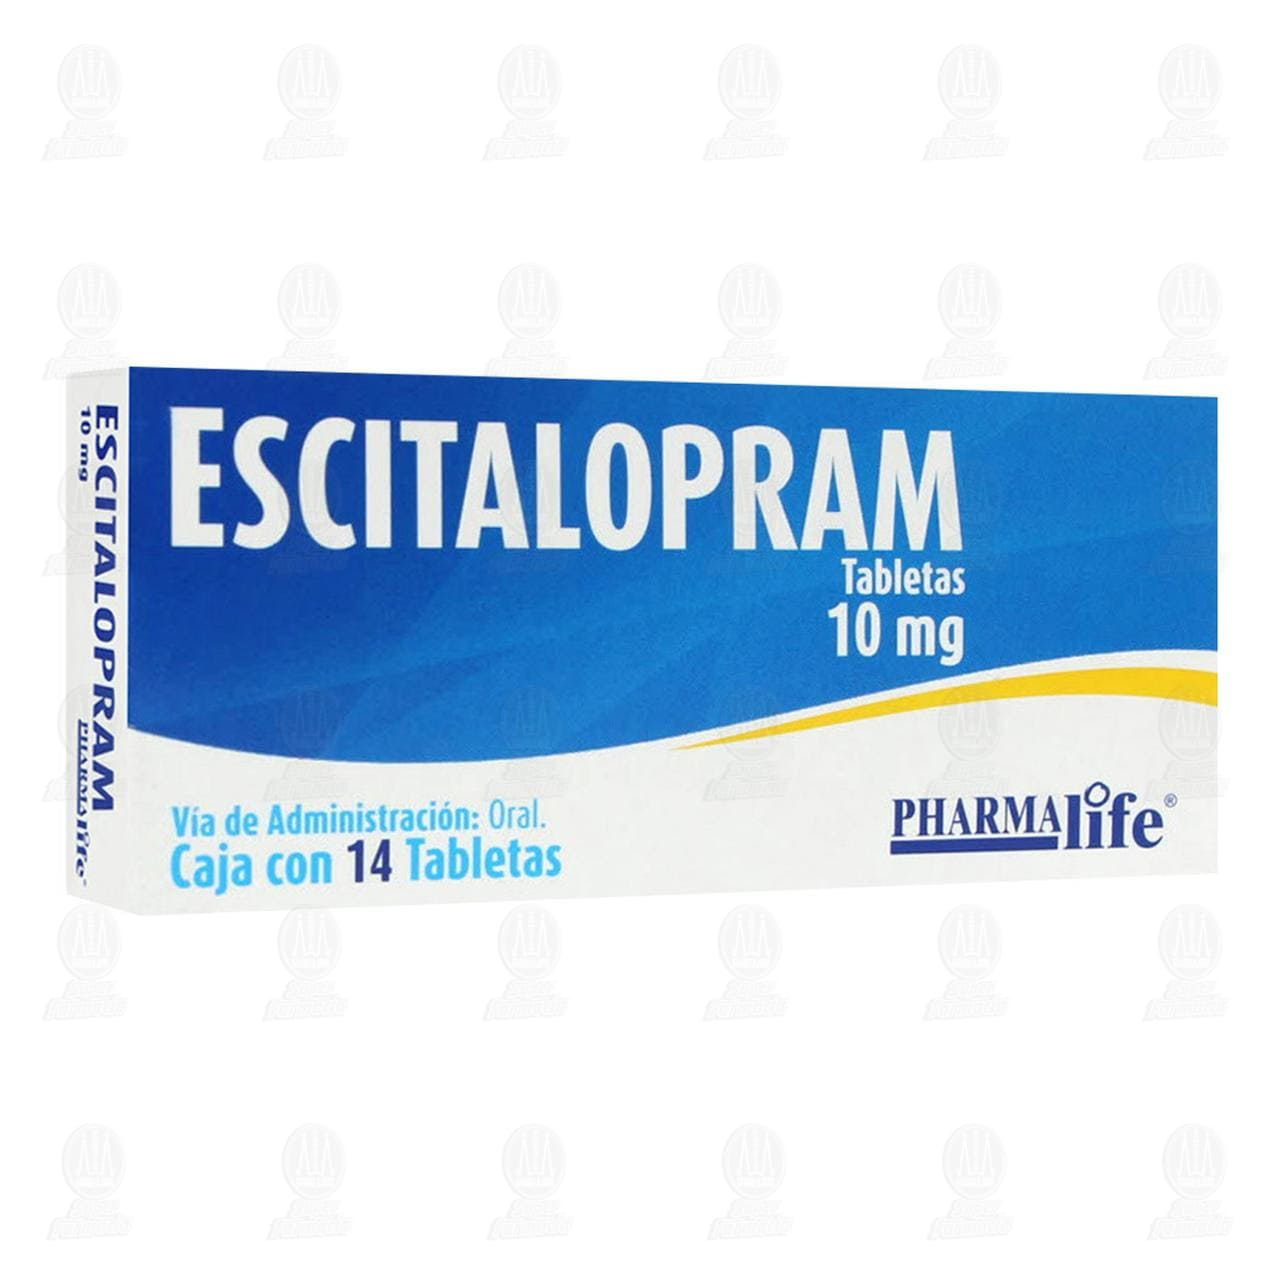 comprar https://www.movil.farmaciasguadalajara.com/wcsstore/FGCAS/wcs/products/1281534_A_1280_AL.jpg en farmacias guadalajara